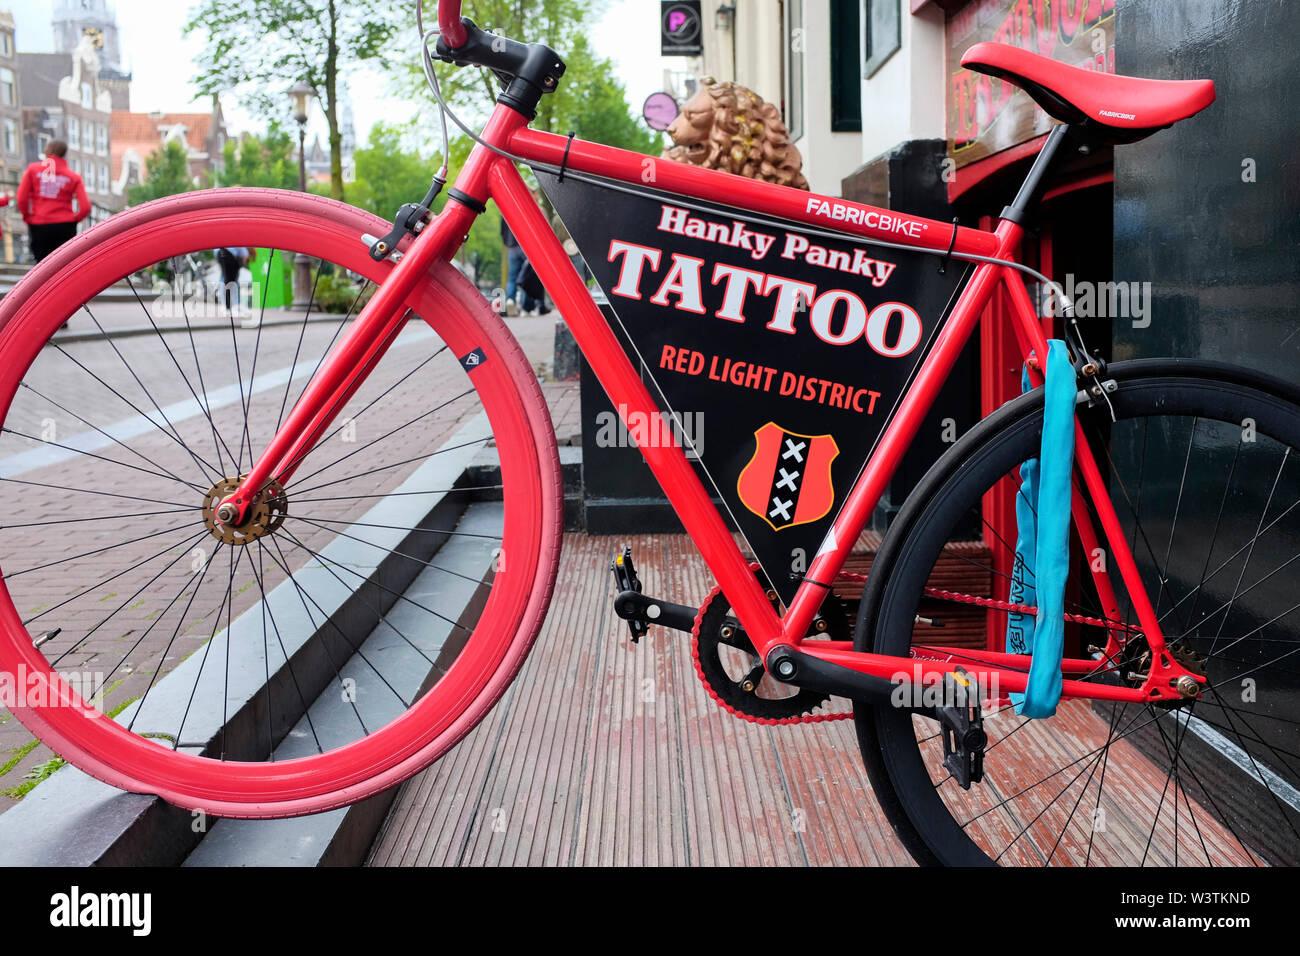 Henk Schiffmacher's Hanky Panky, Tattoo Parlour, Oudezijds Voorburgwal, Amsterdam, Netherlands - Stock Image